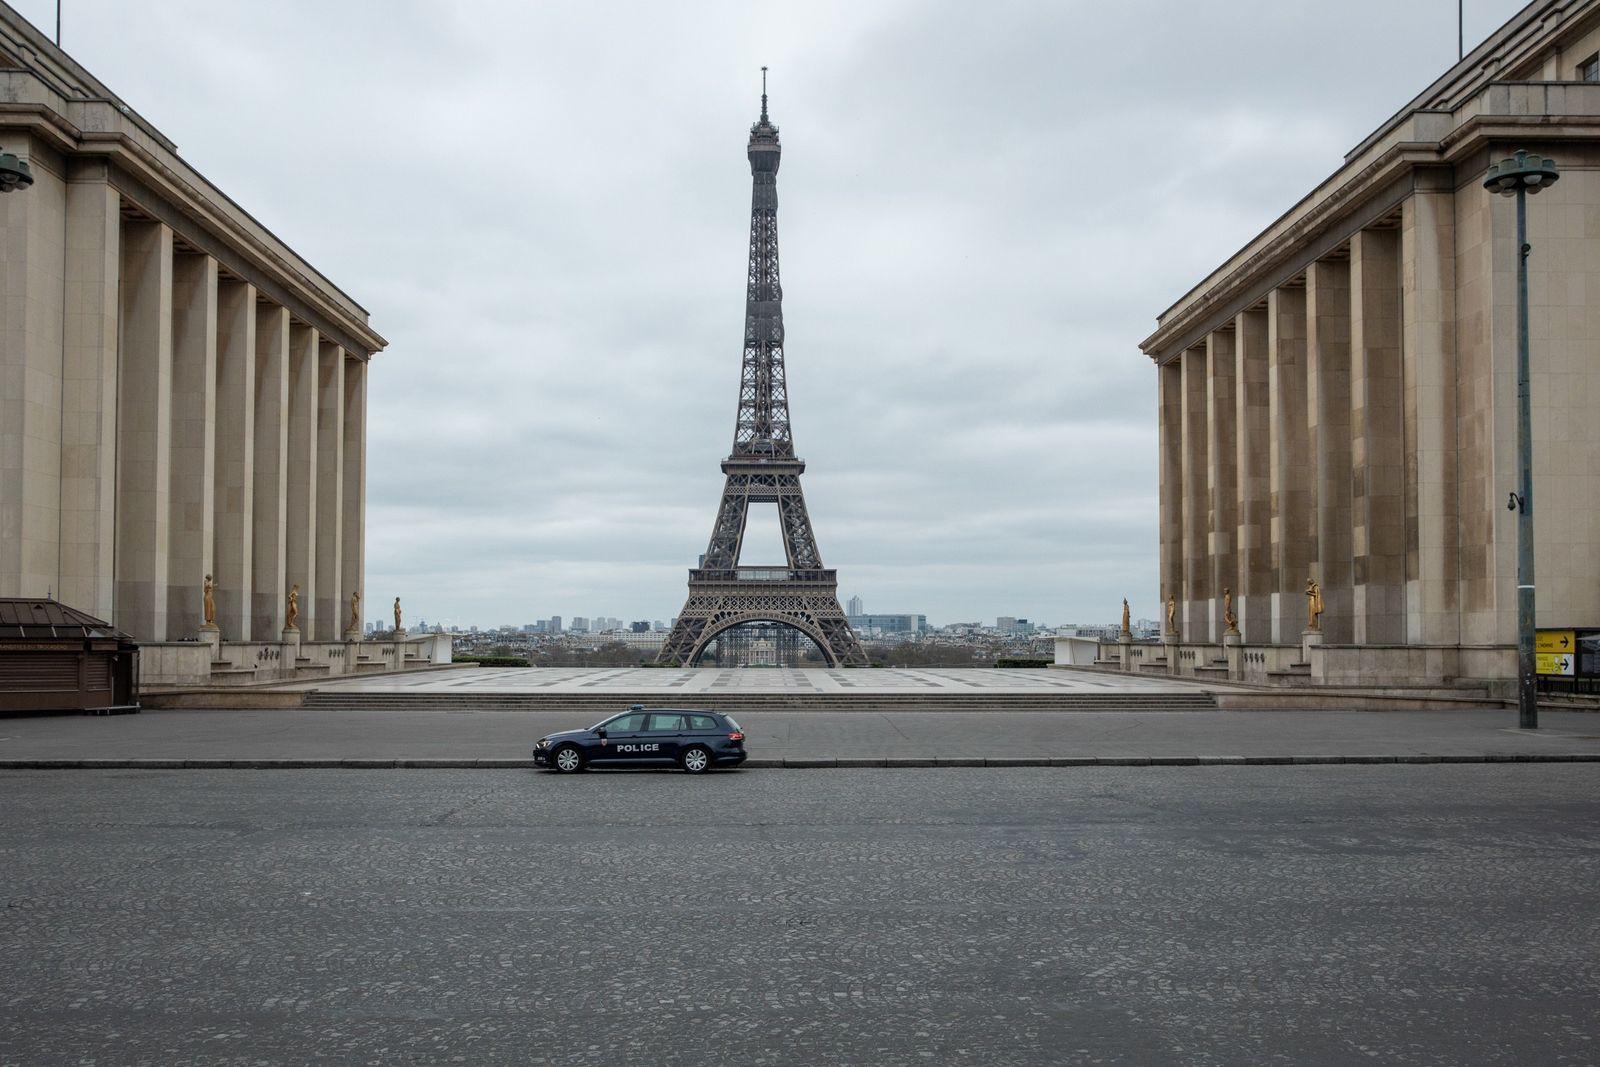 Um carro da polícia solitário mantém o bloqueio na Place du Trocadero. Do outro lado do ...